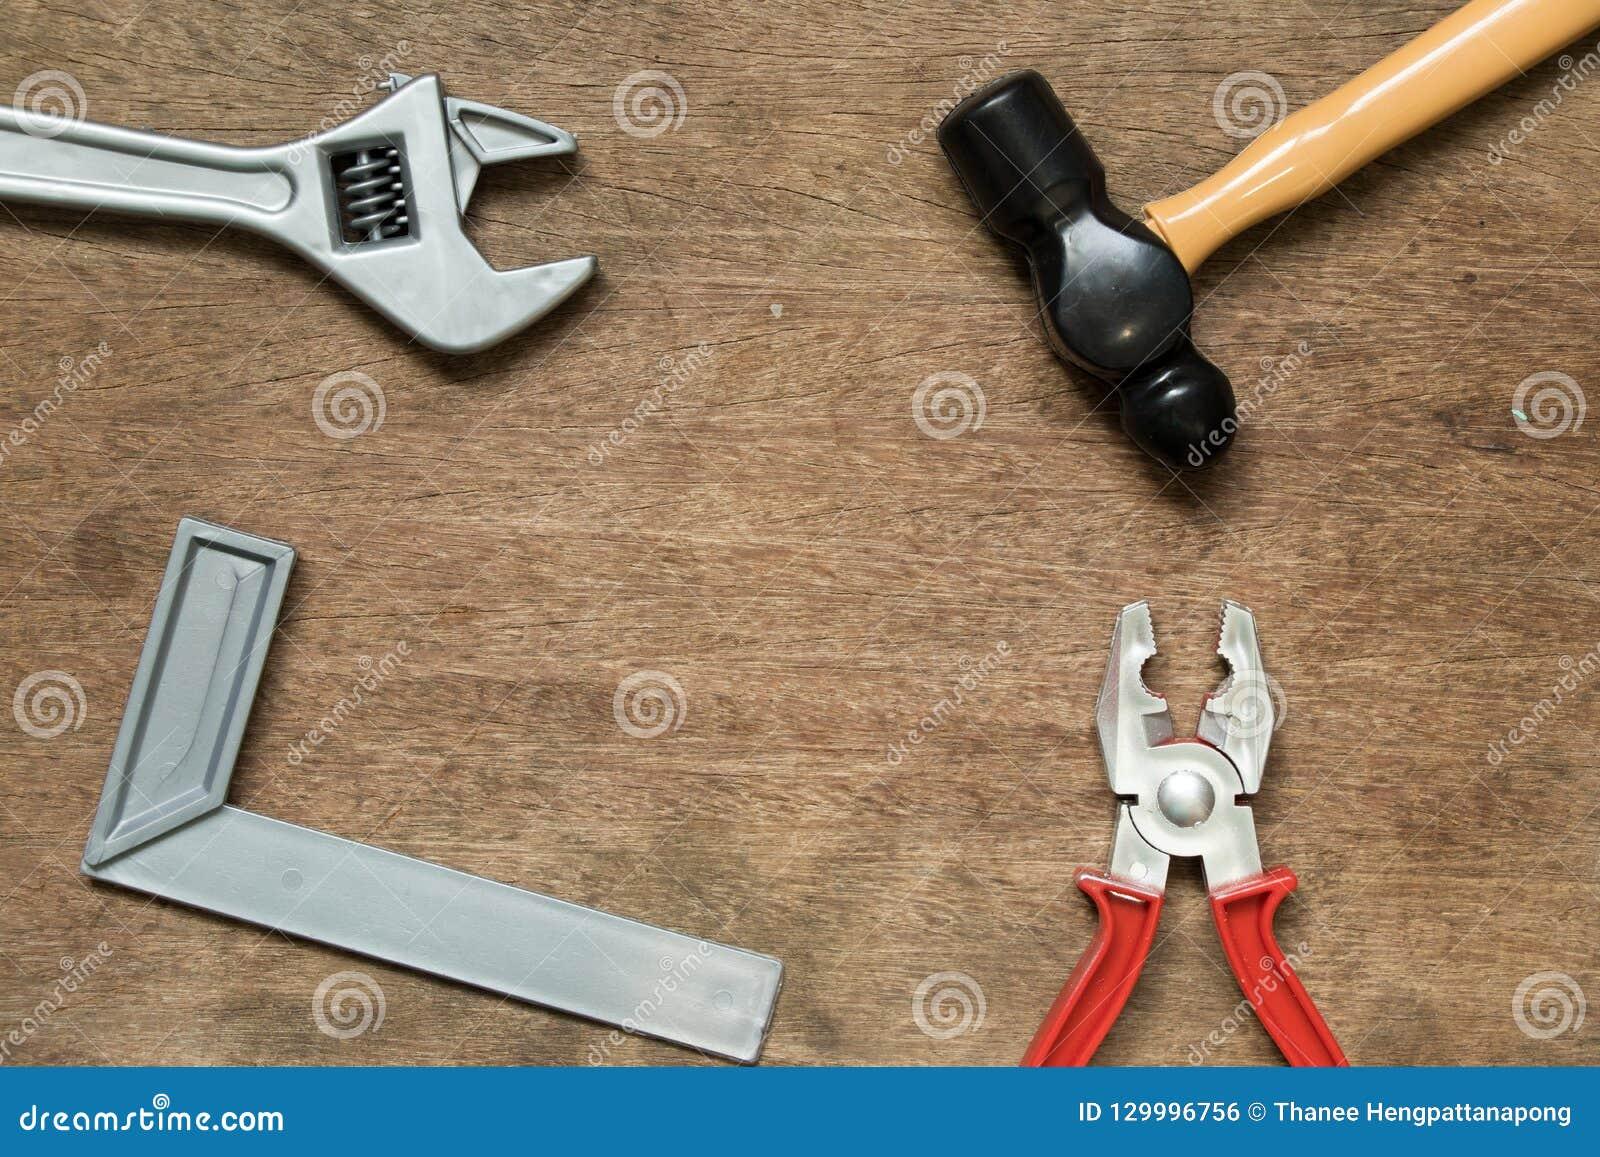 Zabawkarski wyposażenia narzędzia młot, mechinist kwadrat, wyrwanie, cążki